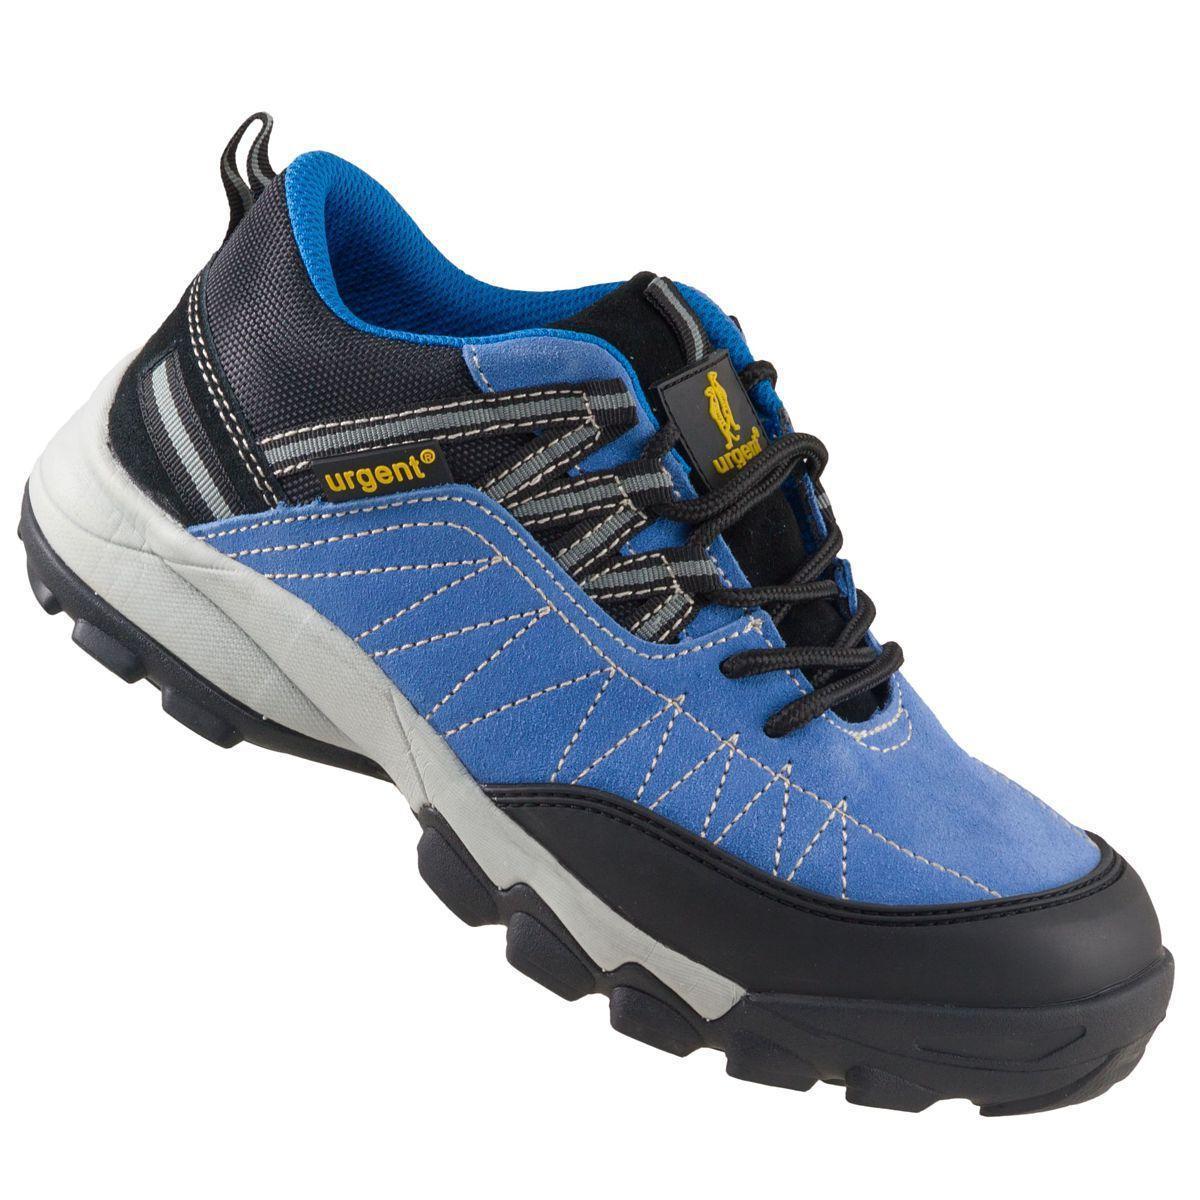 Кроссовки 233 S1 защитые с металлическим носком, черно-синего цвета.  URGENT (POLAND)  4 7